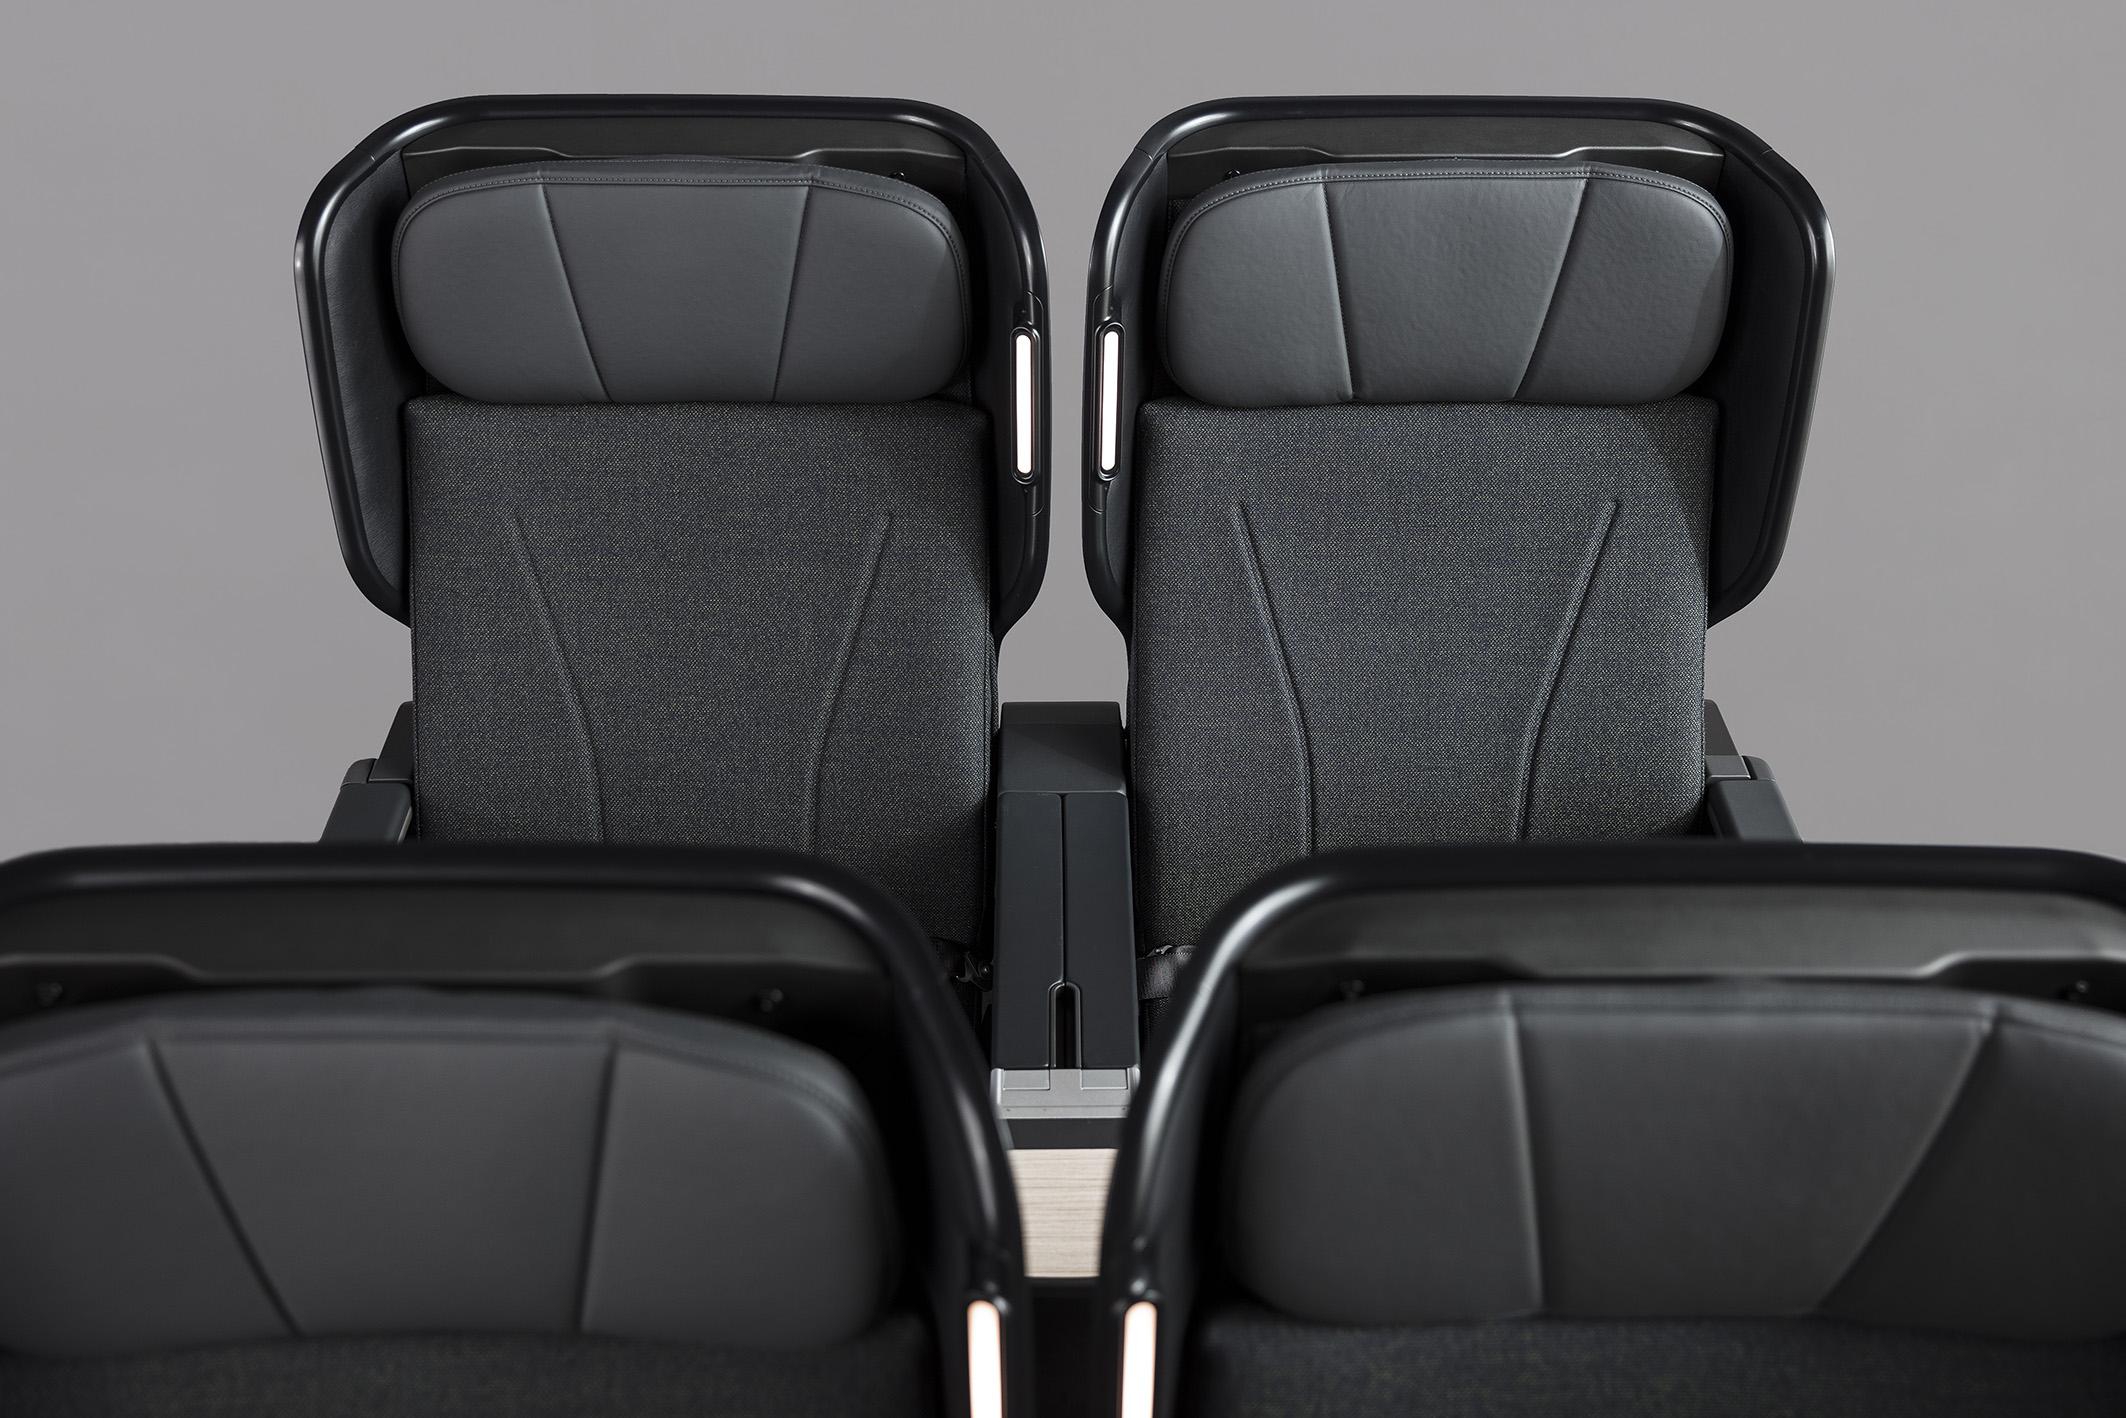 Caon_QF Seats_0A8A7391_DE.jpg